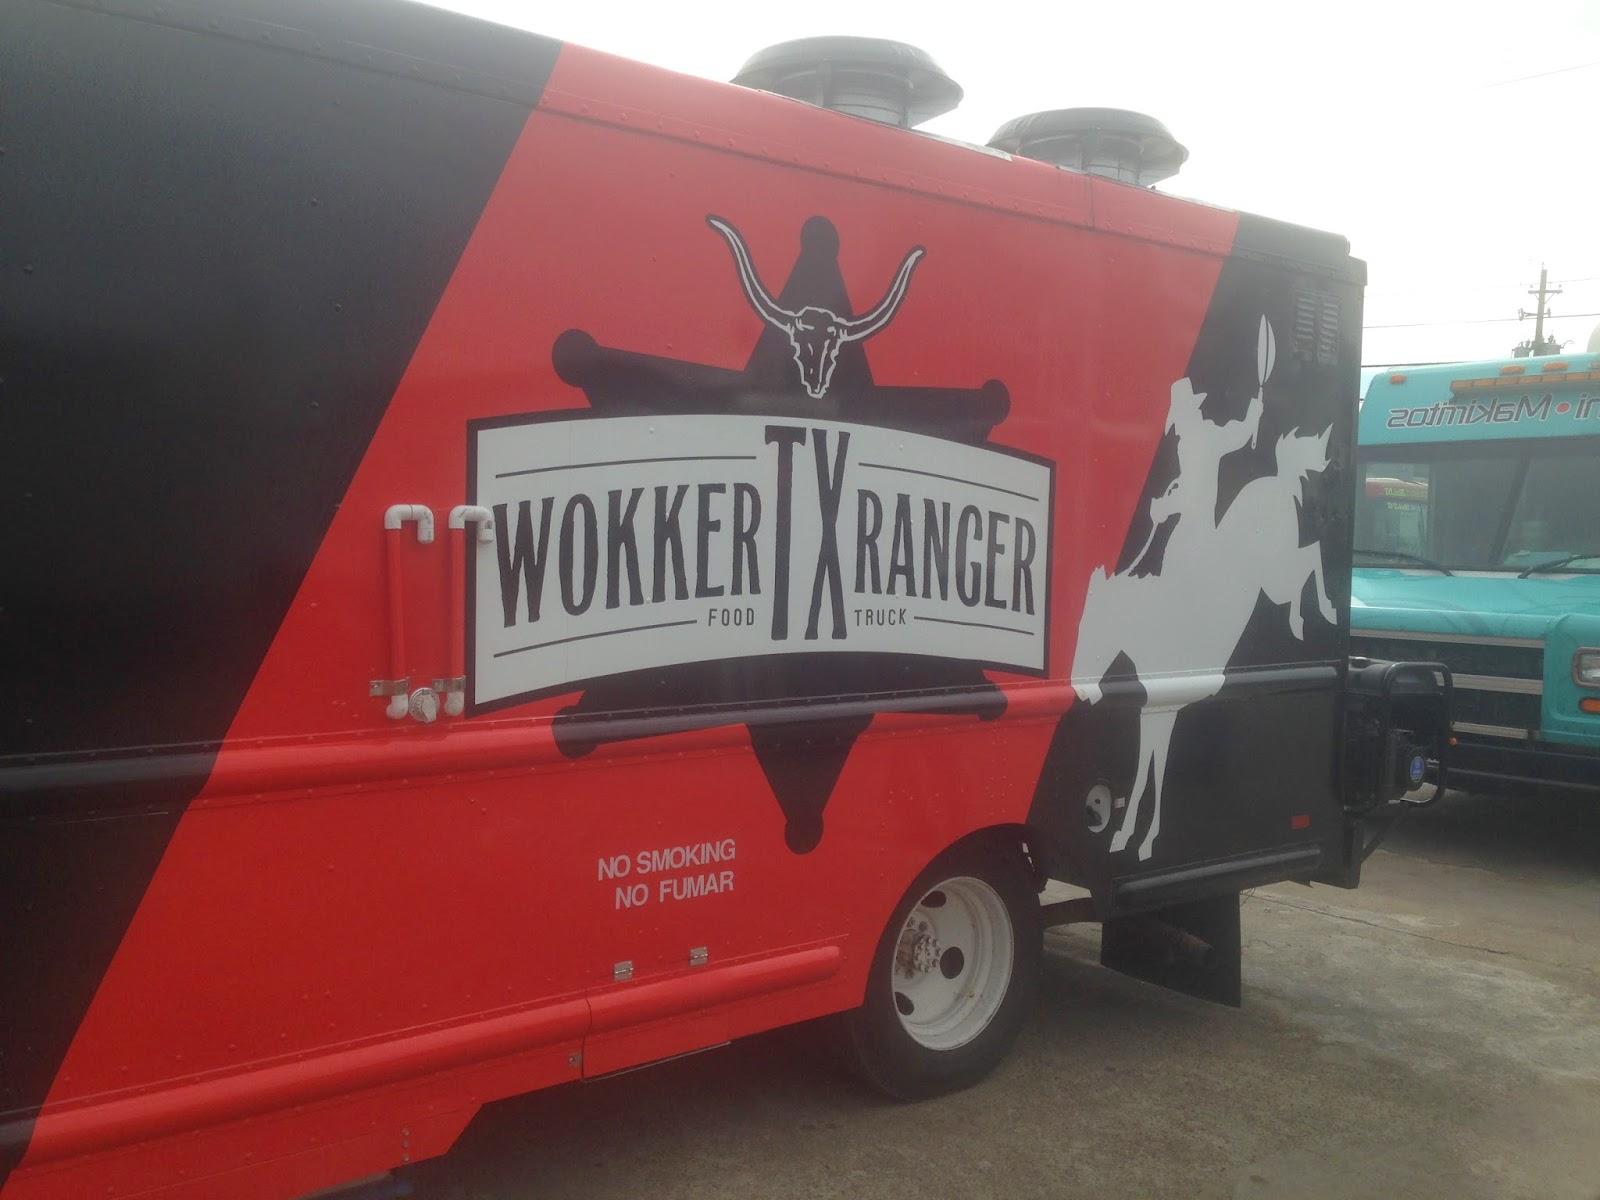 Wokker Texas Ranger Food Truck Houston TX